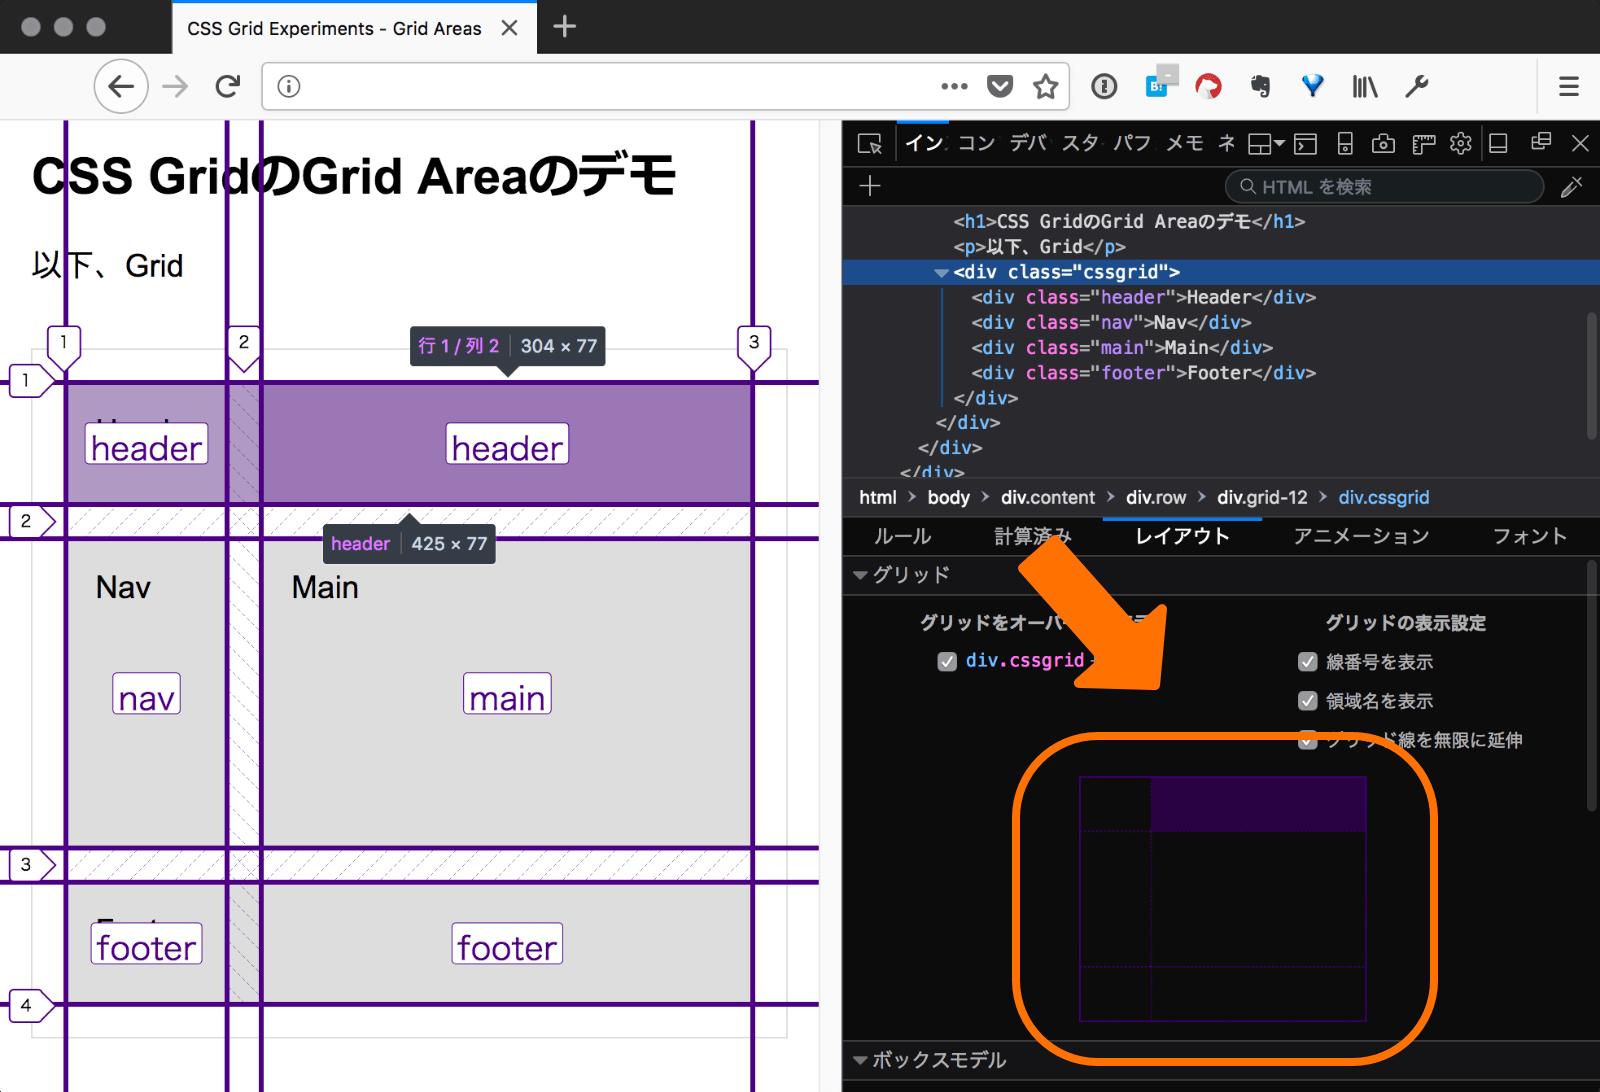 Firefoxの開発ツールのレイアウトタブでグリッドアイテムの詳細を表示させた状態